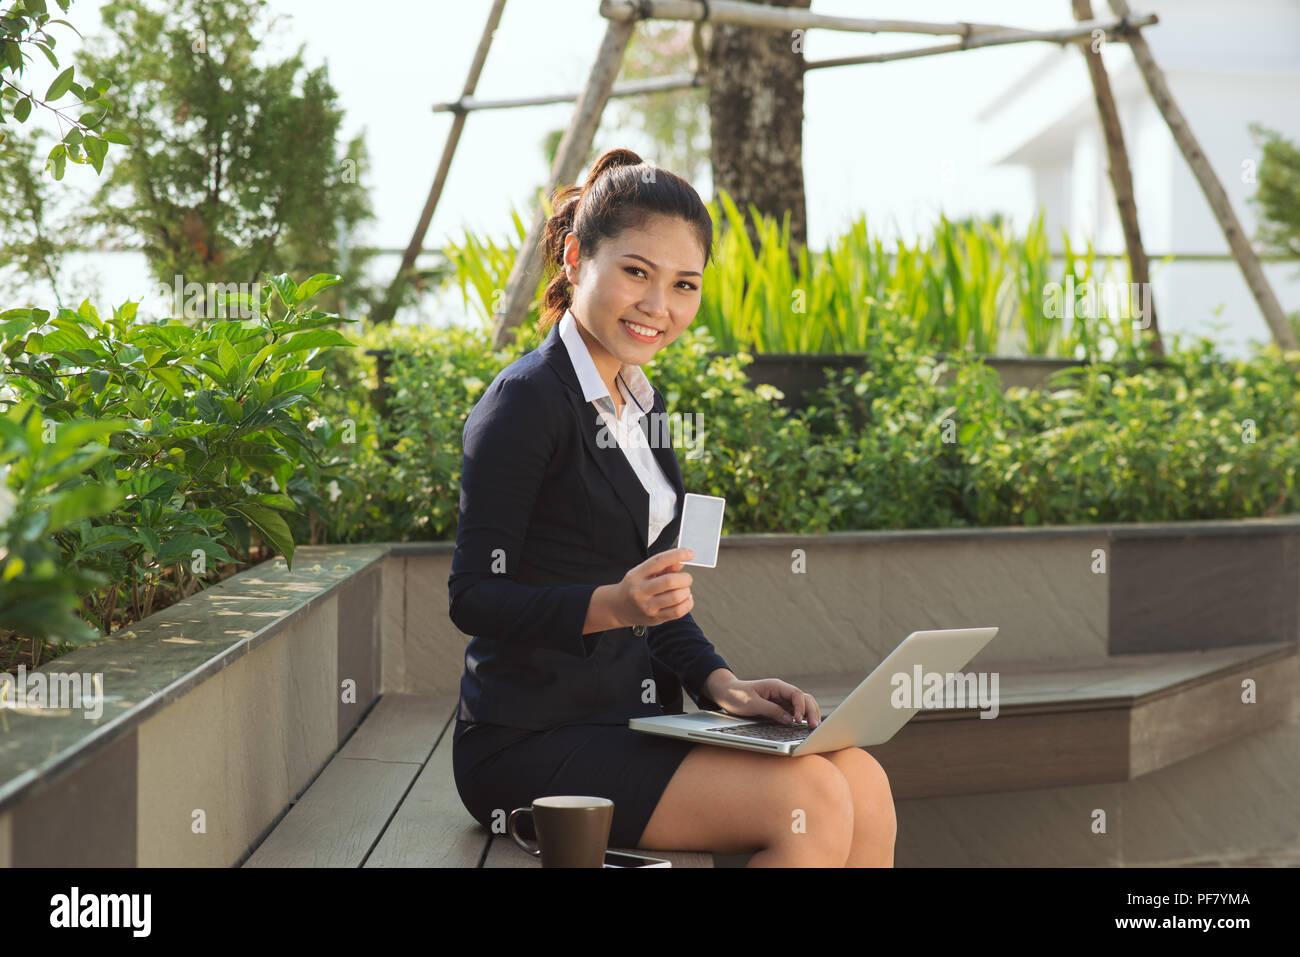 Retrato de mujer de negocios jóvenes feliz celebración y tarjeta de crédito en línea portátil oder, concepto de compras aisladas al aire libre, fuera de fondo. Positiv Imagen De Stock